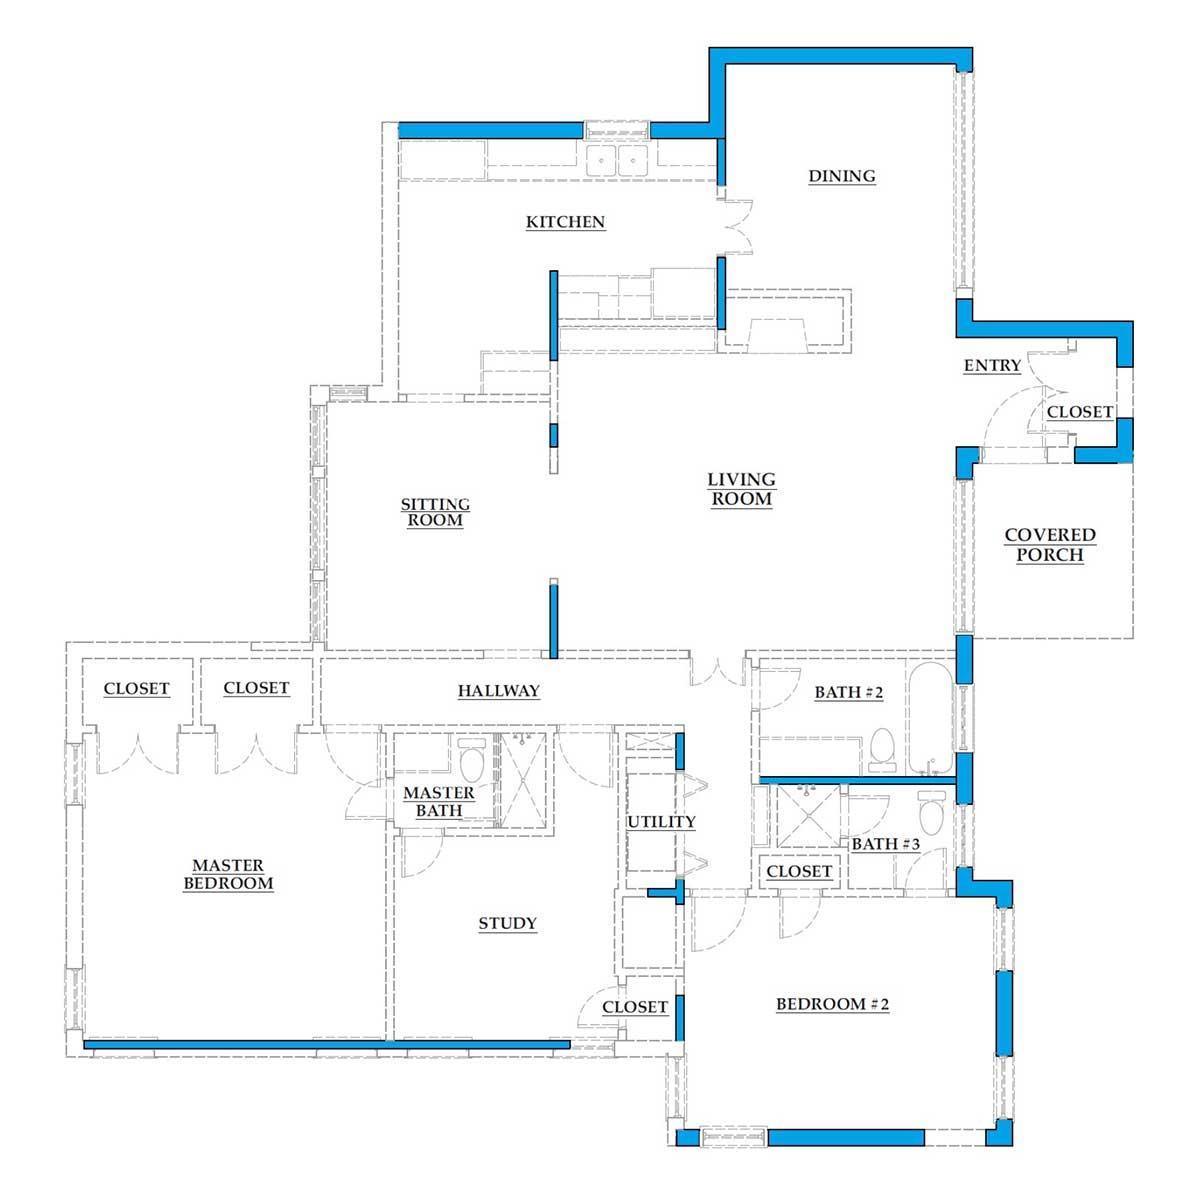 Floorplan - Before